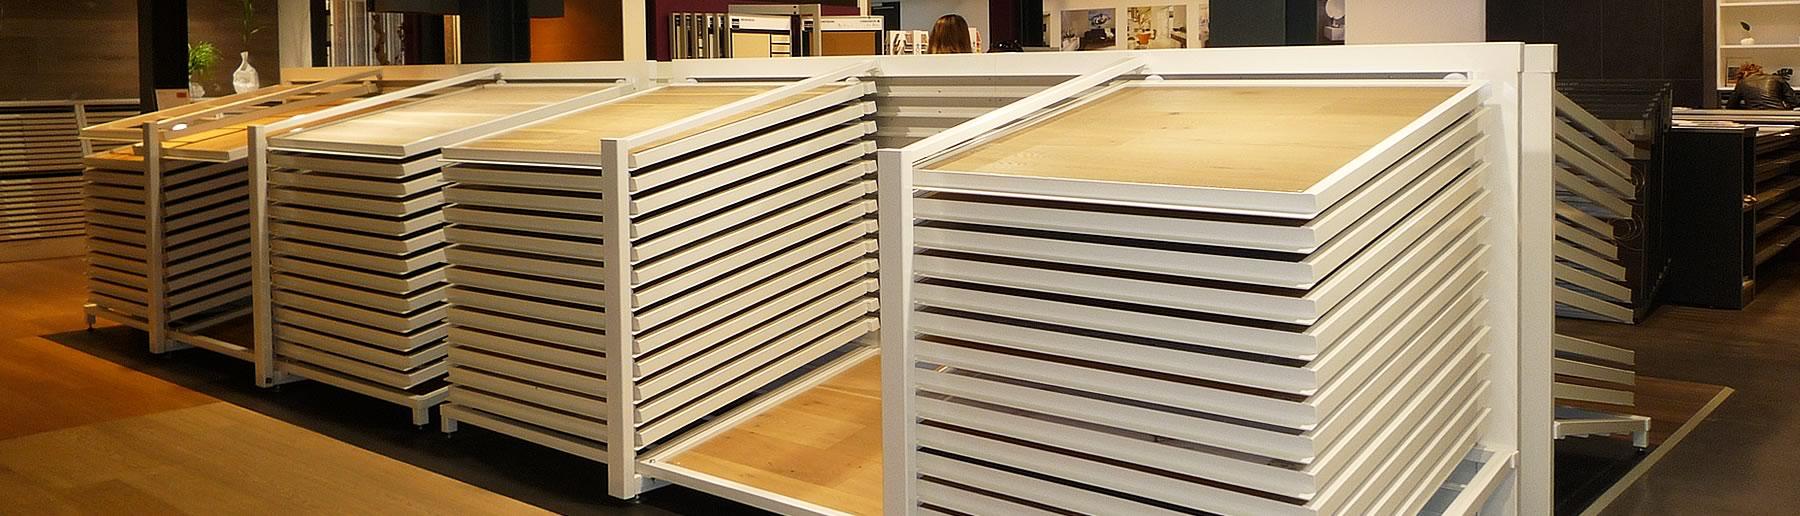 schiebeanlagen hauff. Black Bedroom Furniture Sets. Home Design Ideas